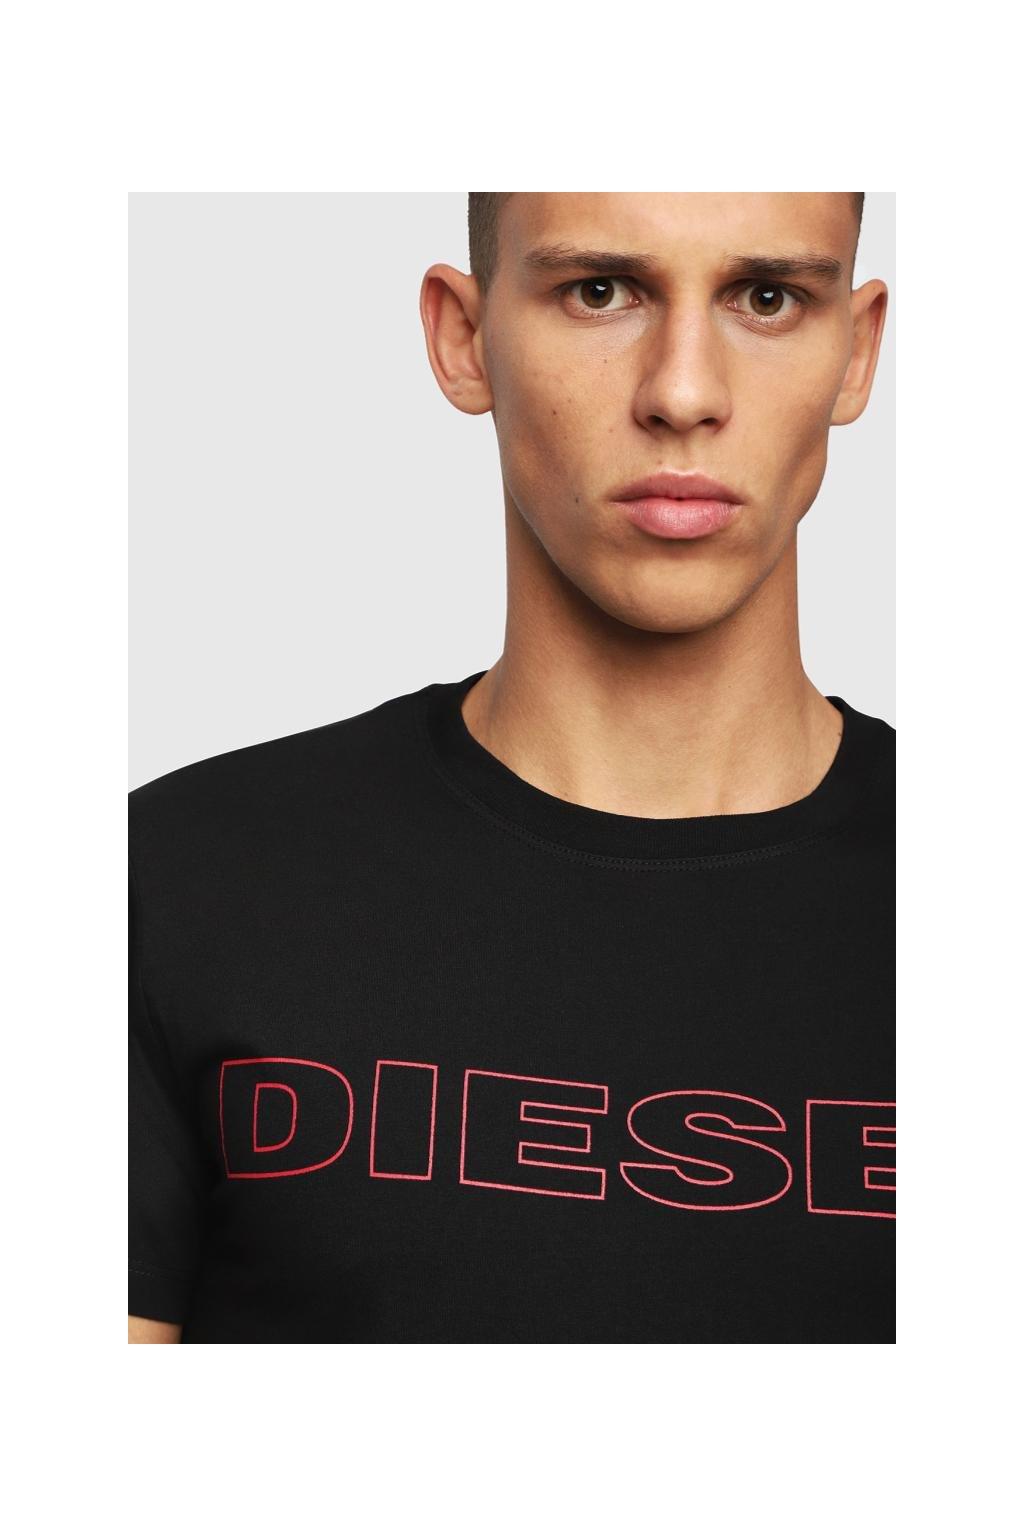 Diesel logo tričko pánské - černé